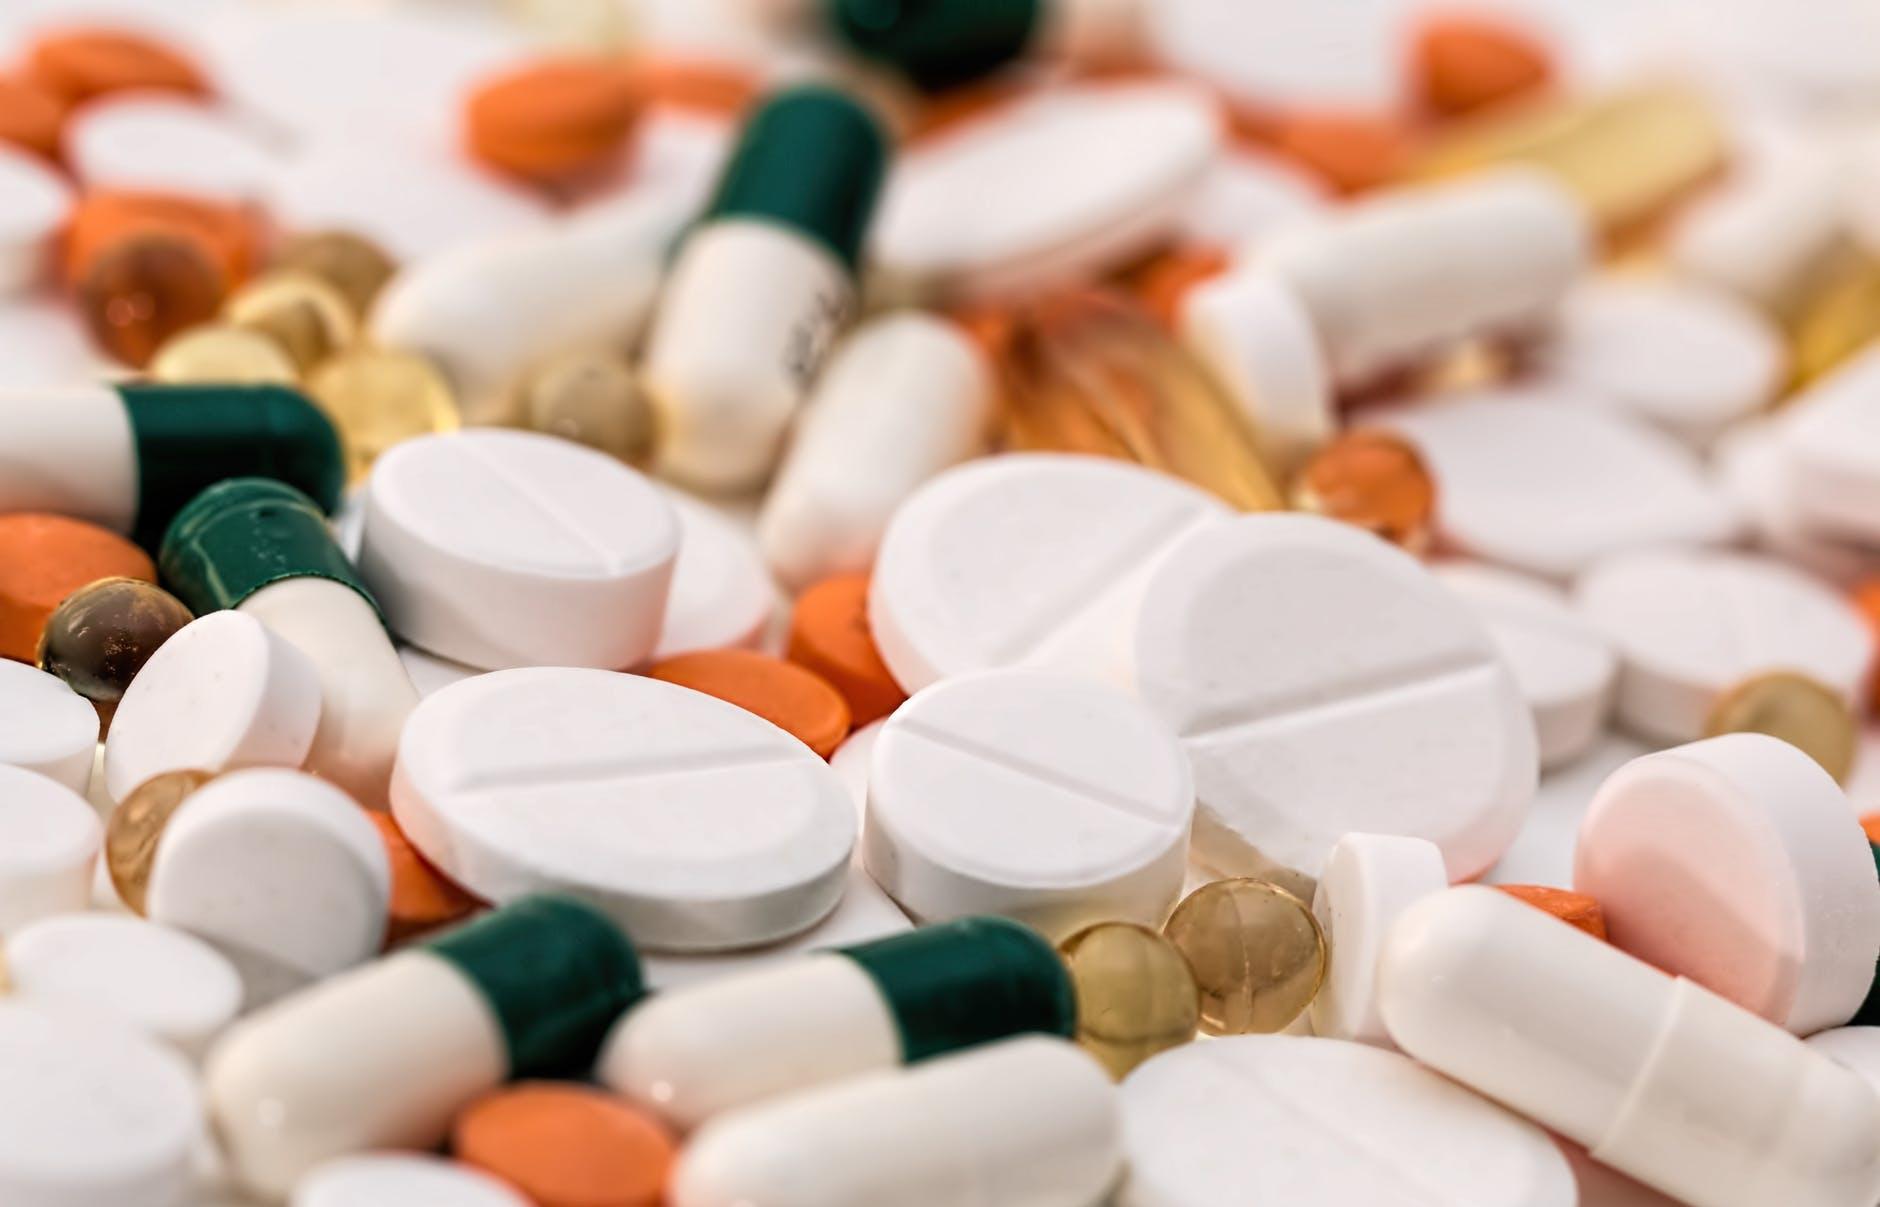 В России увеличили лимит суммы на бесплатные лекарства - новости Афанасий